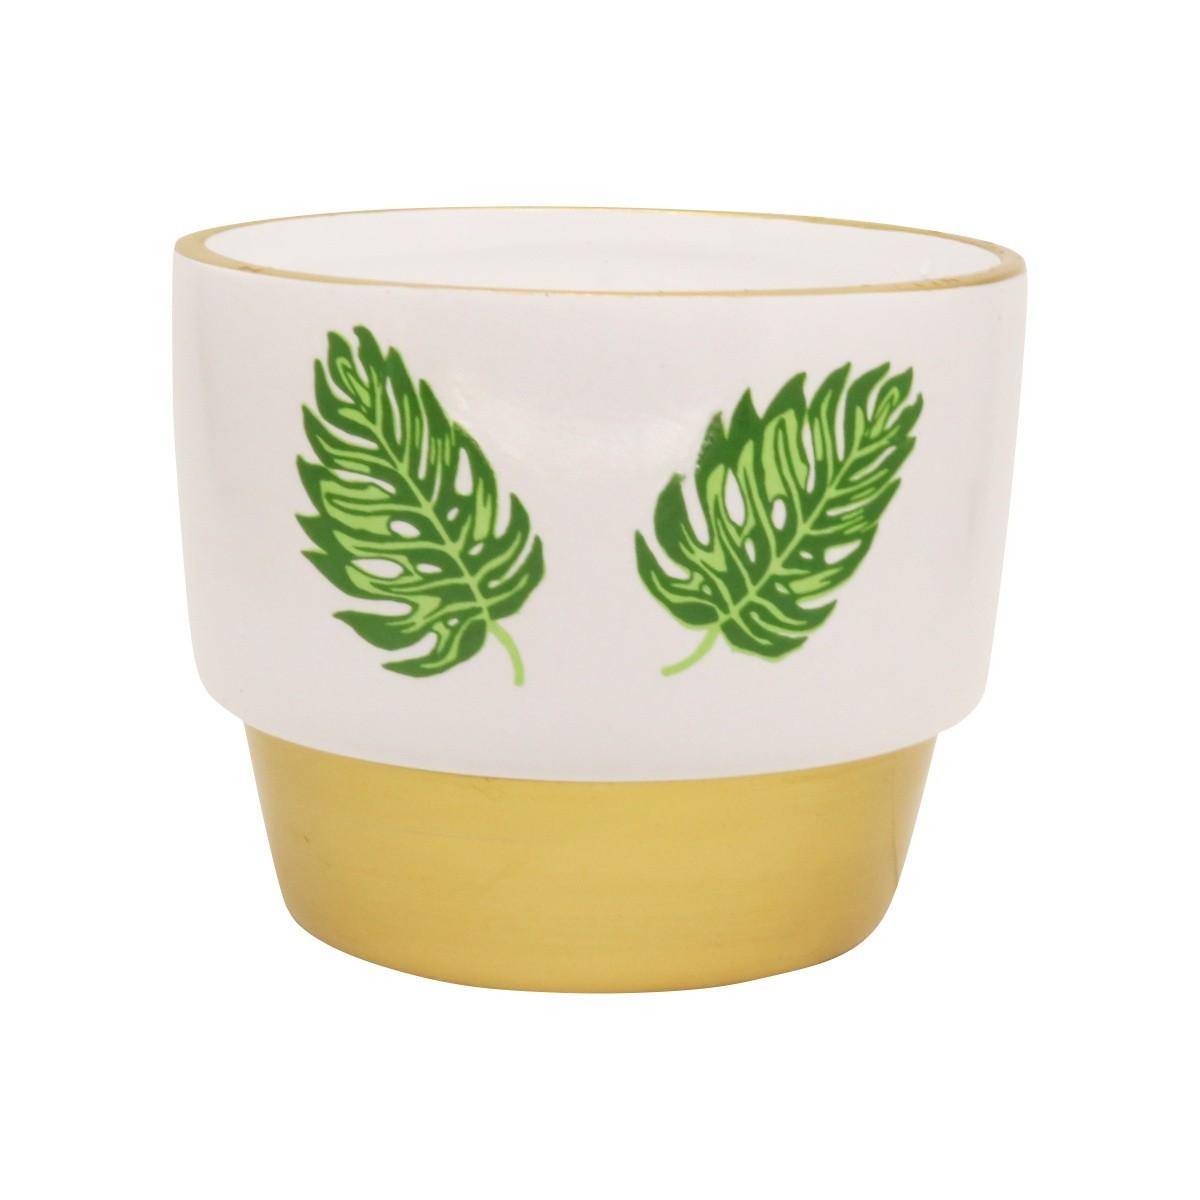 Vaso de Cerâmica para Suculentas Costela de Adão Branco e Dourado 10cm x 12cm - 5770